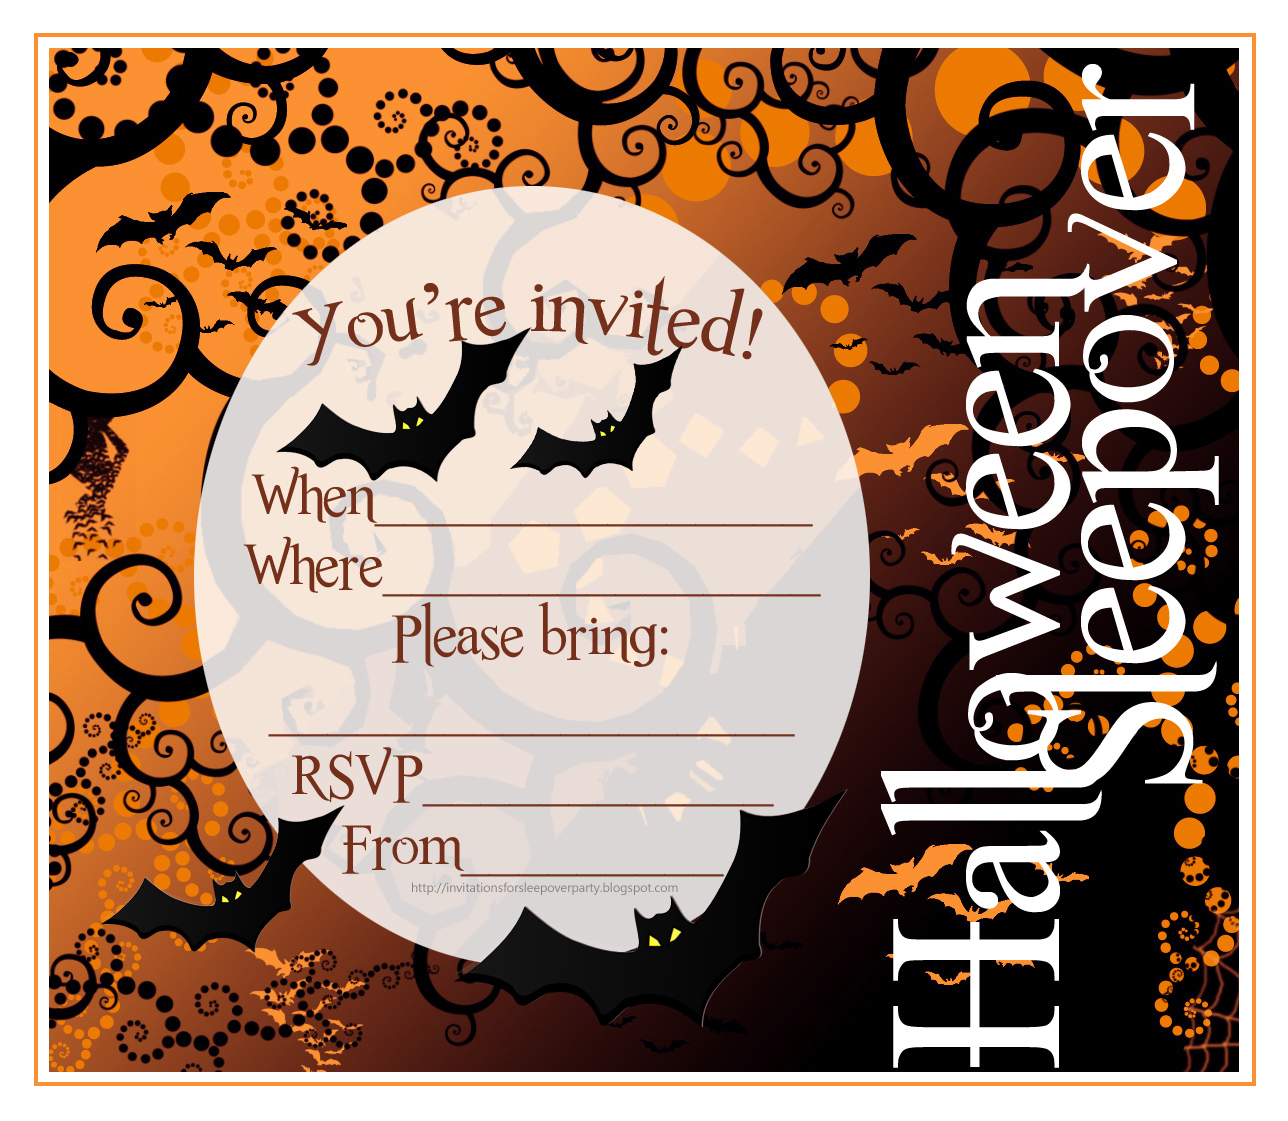 Free Printable Halloween Sleepover Invitations | Halloween Arts - Free Printable Halloween Invitations